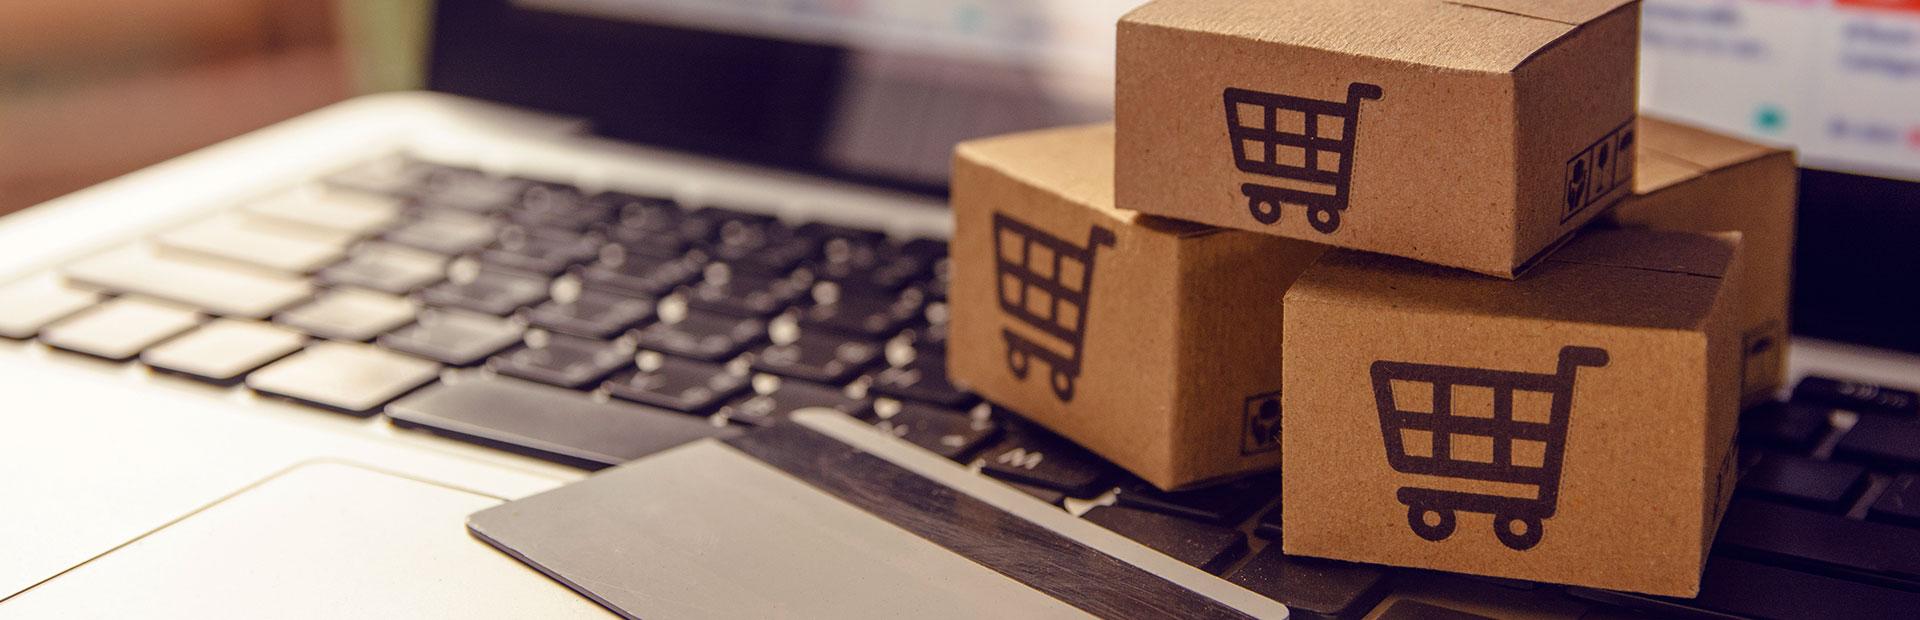 5 najlepszych sposobów pozycjonowania e-commerce